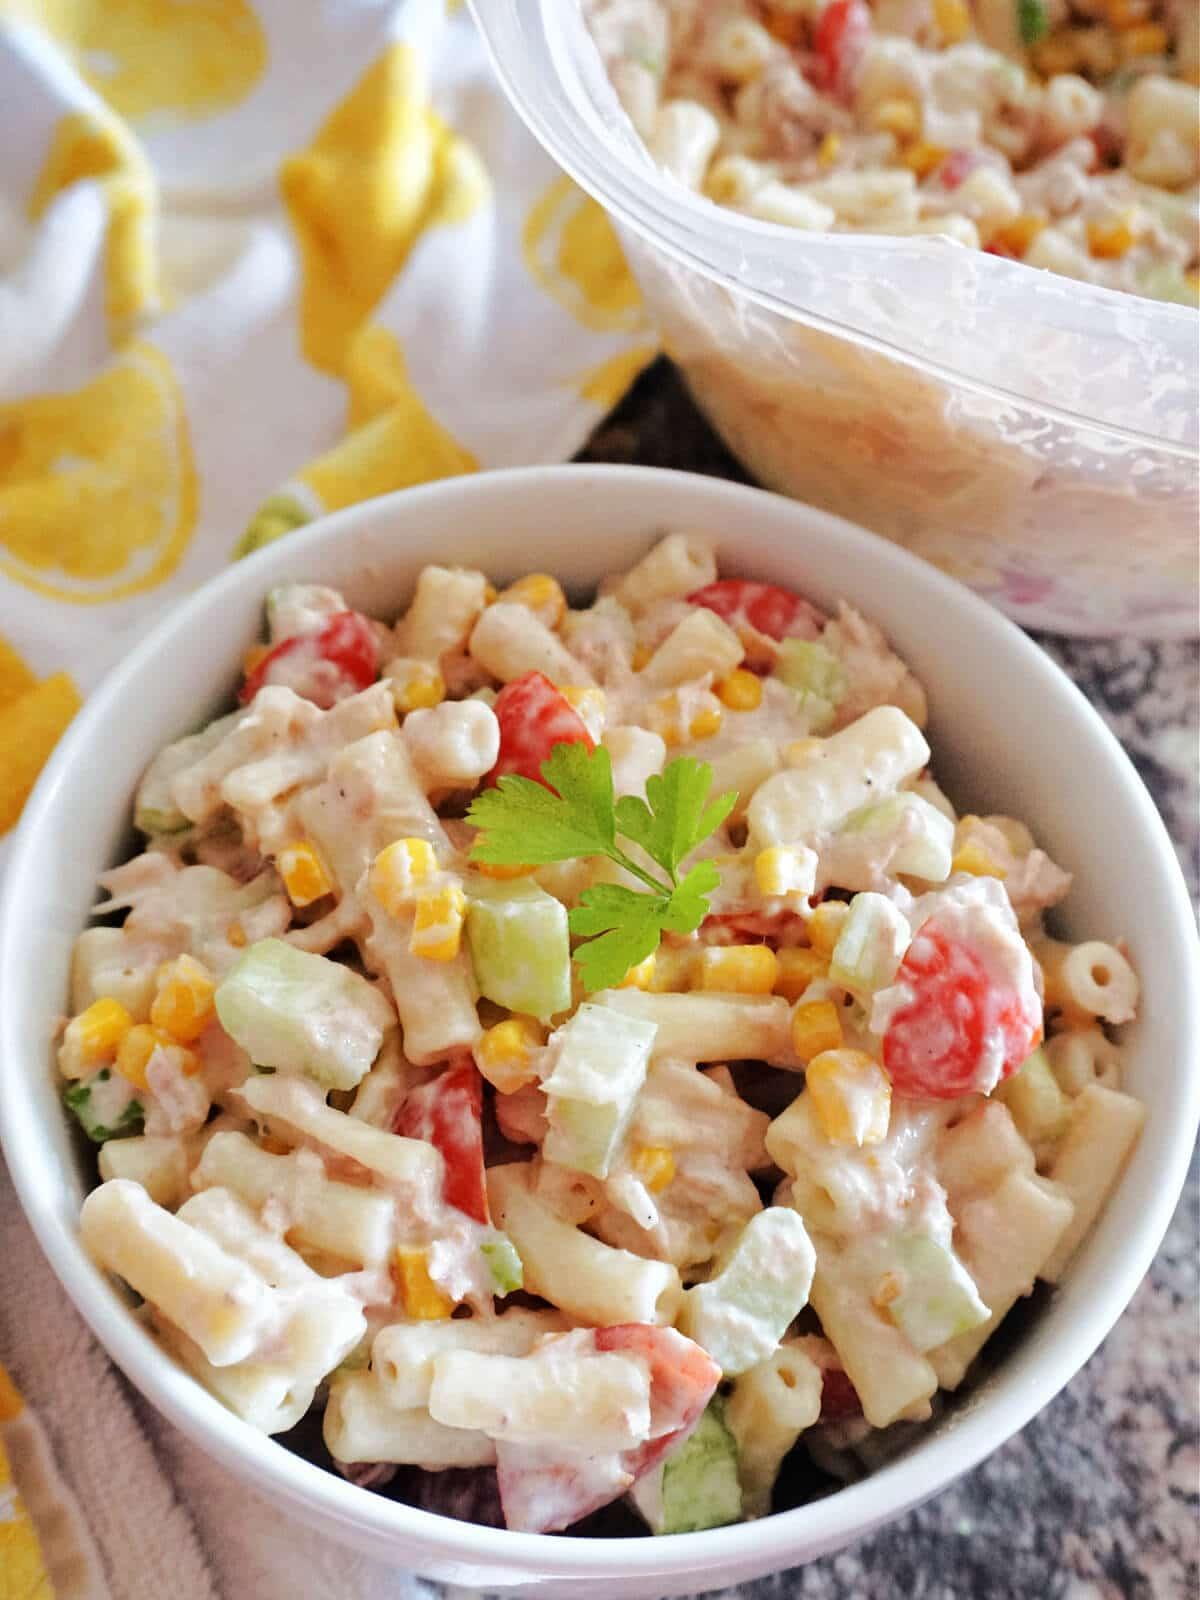 A white bowl of tuna pasta with veggies